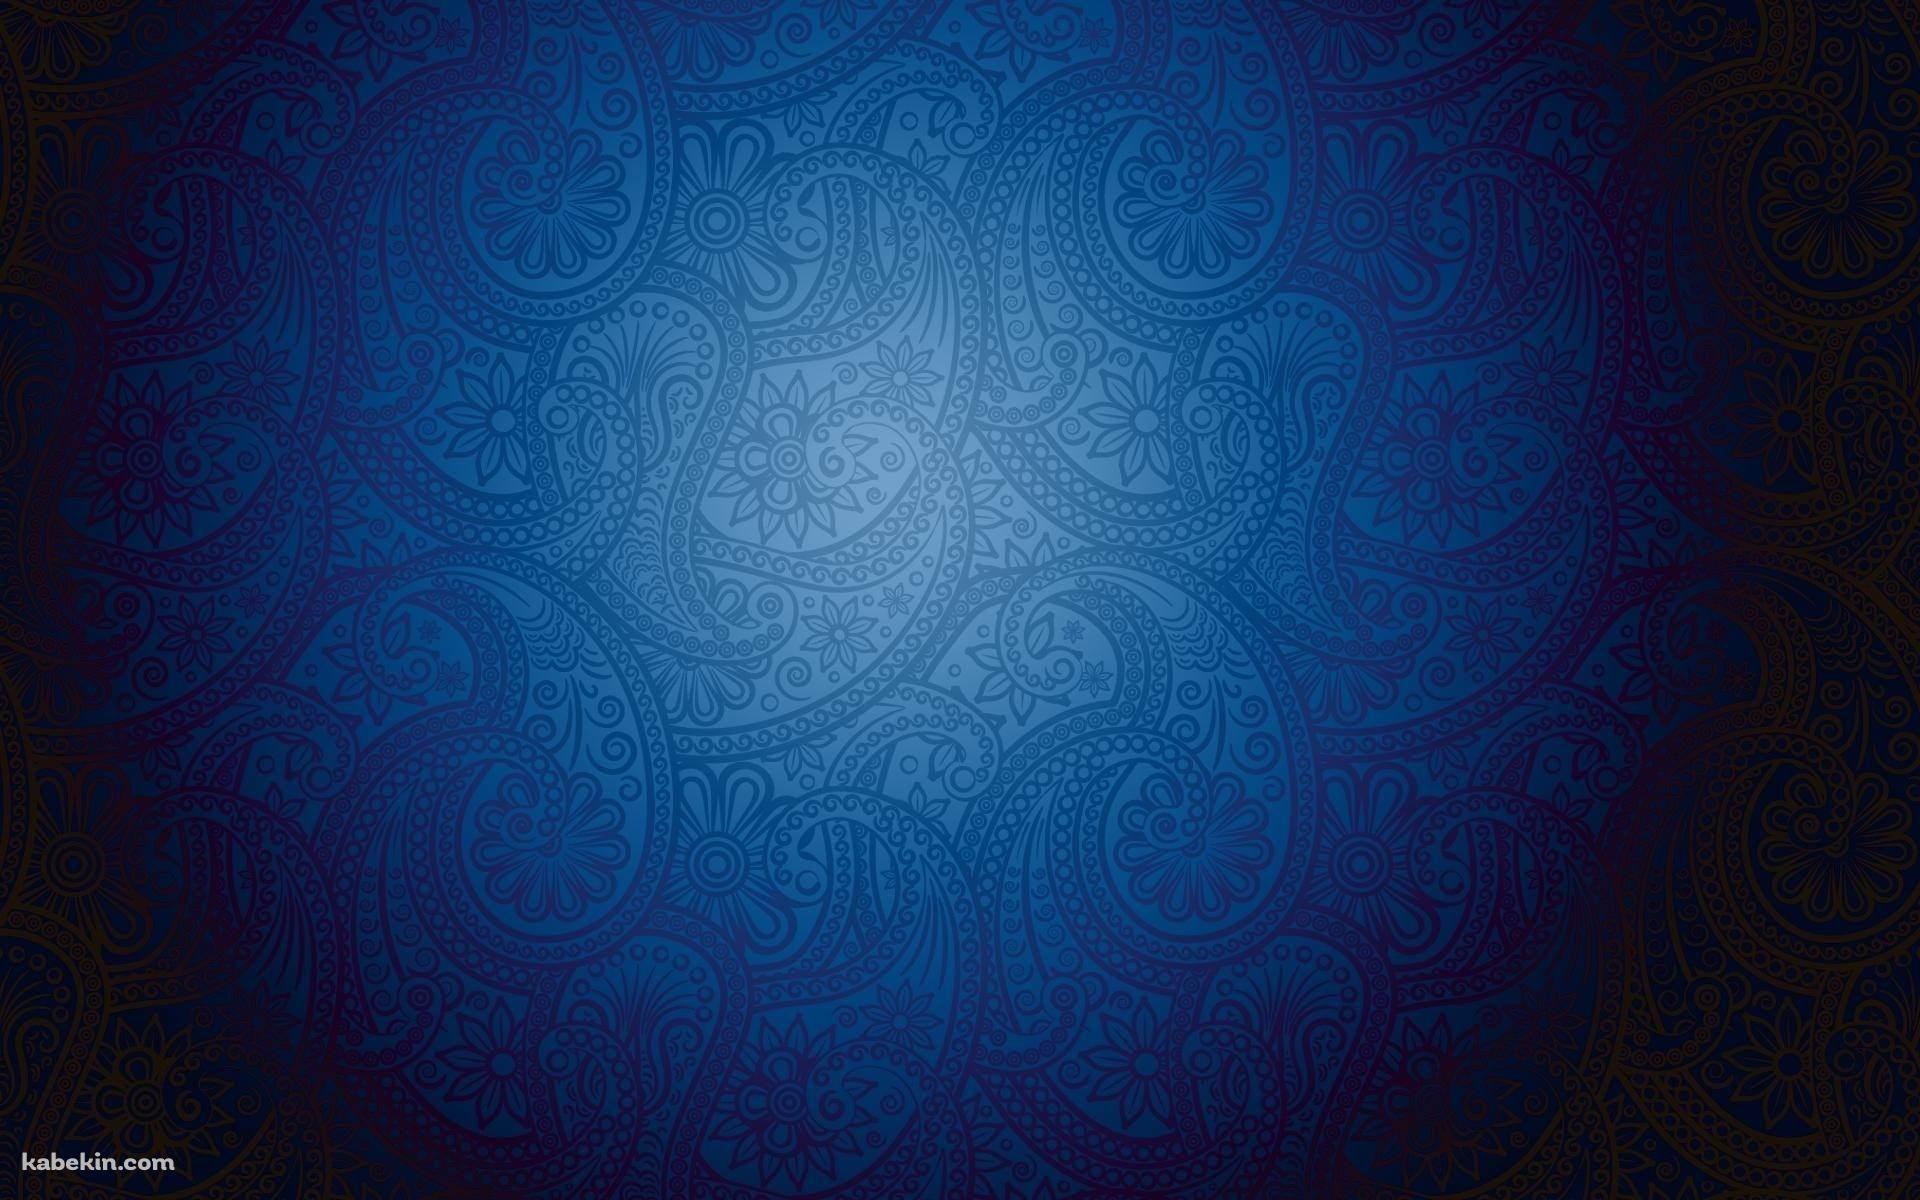 青のペイズリーのパターン 19 X 10 の壁紙 壁紙キングダム Pc デスクトップ版 背景パターン 青色の背景 ペイズリー壁紙